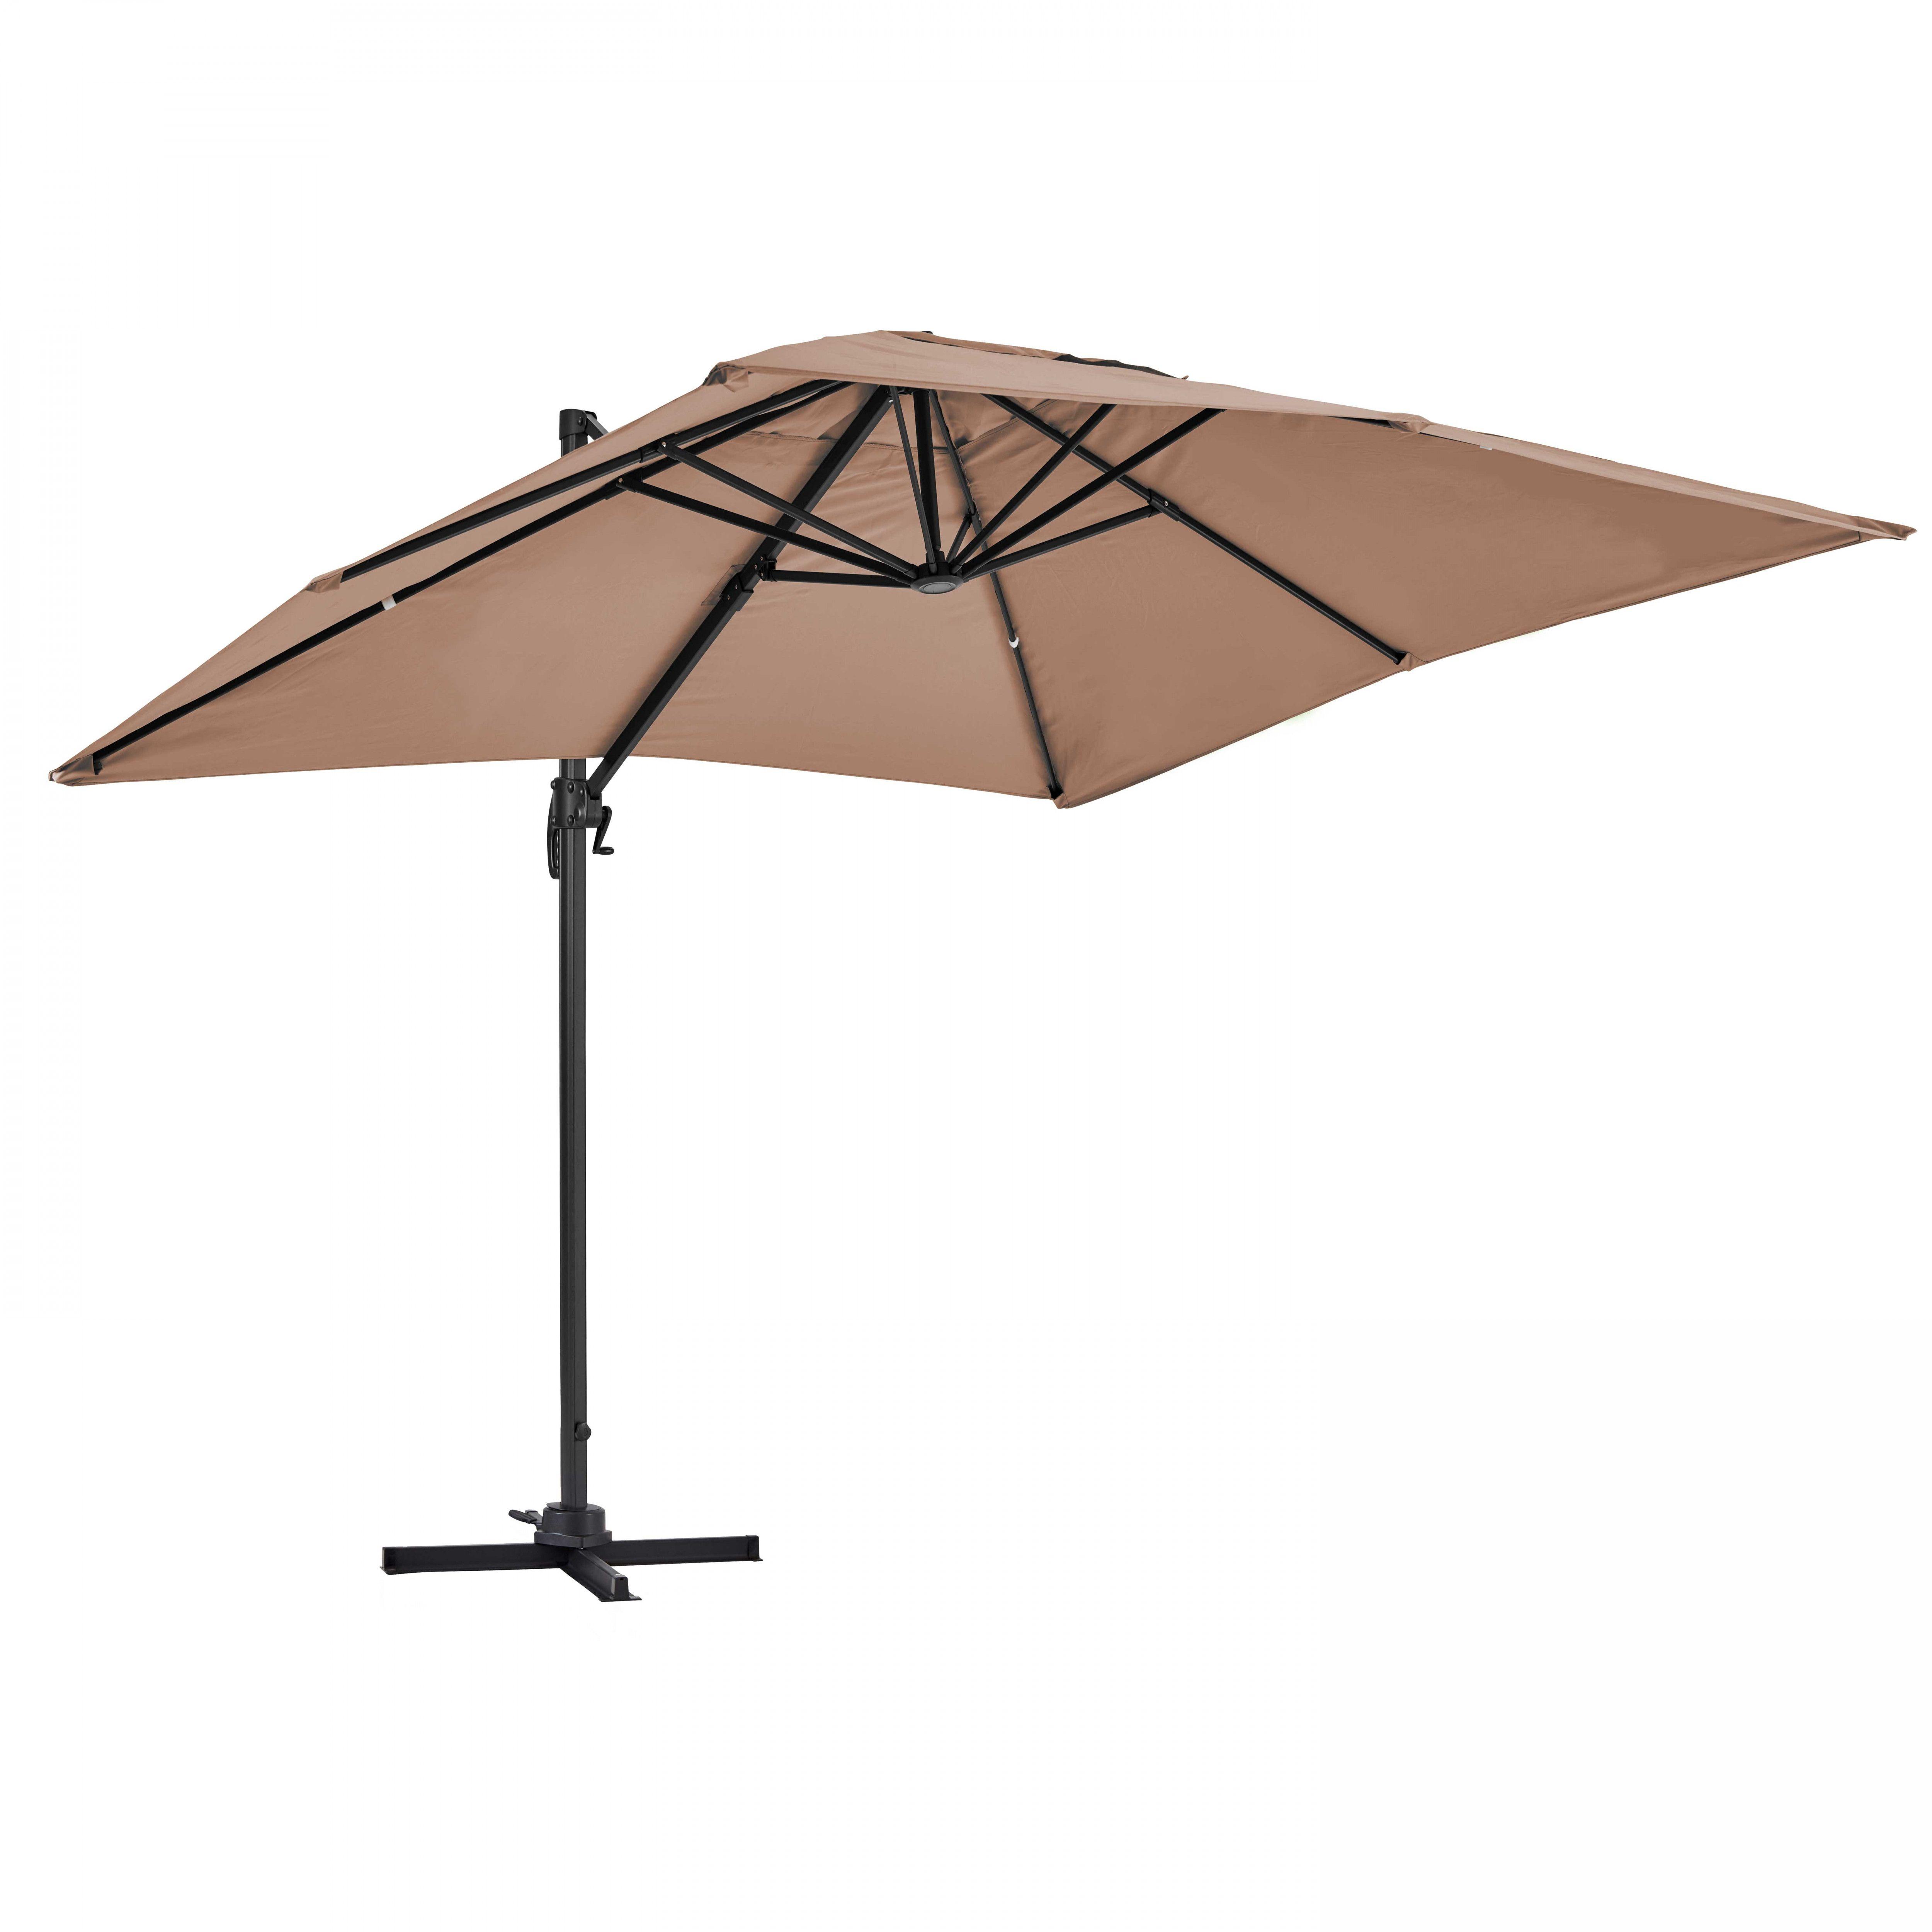 Parasol déporté rotatif, structure en aluminium, 2x3m modèle Amalya